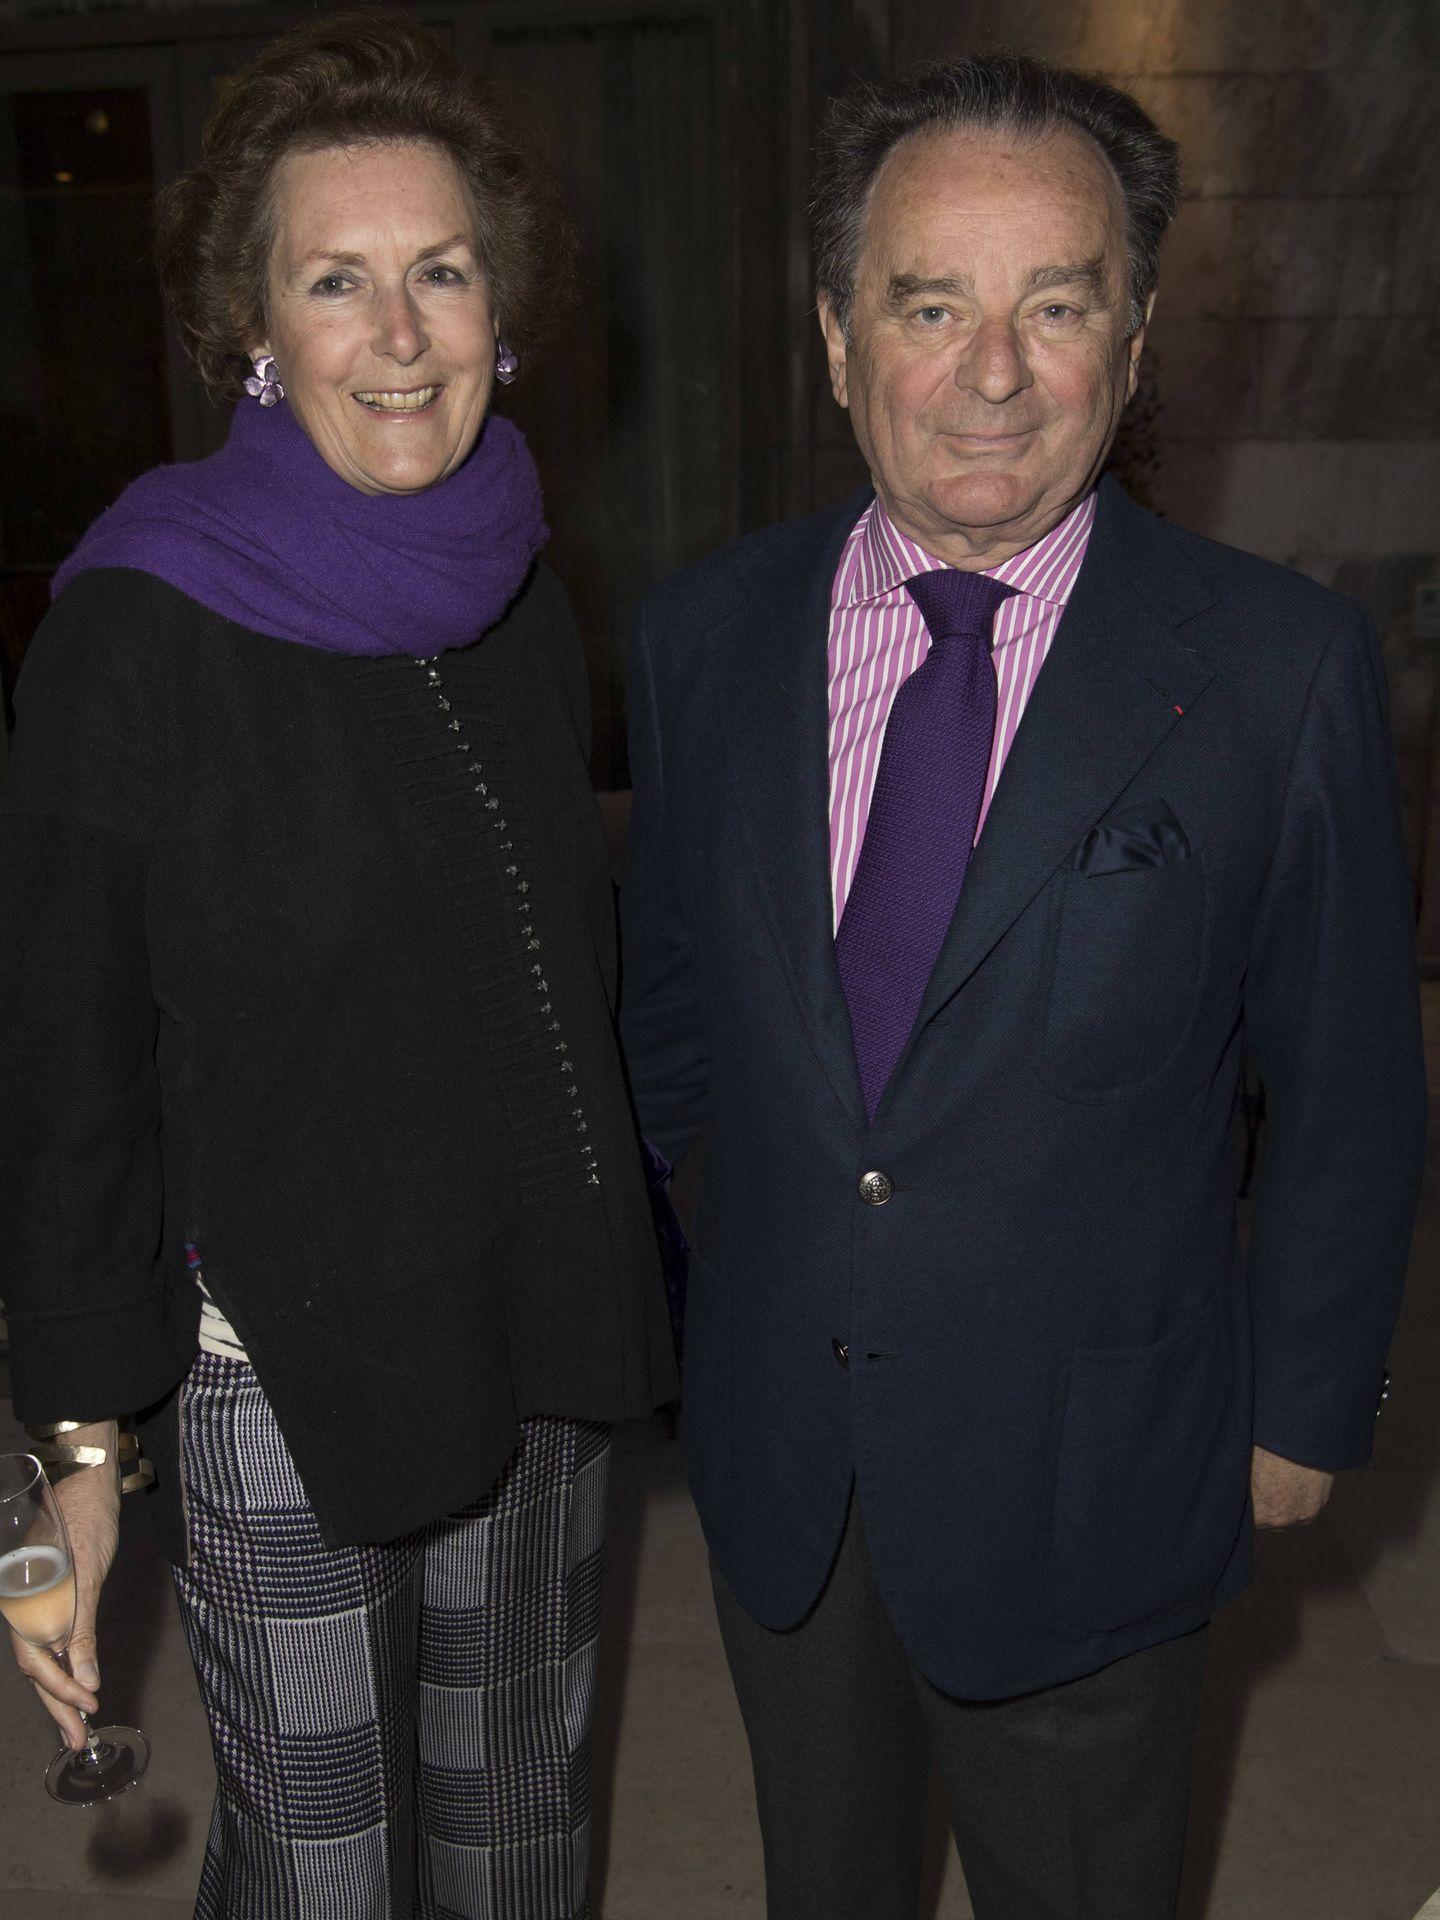 Candelita y Arnaud Brunel, quienes se convertirán en suegros de Daria. (Getty)